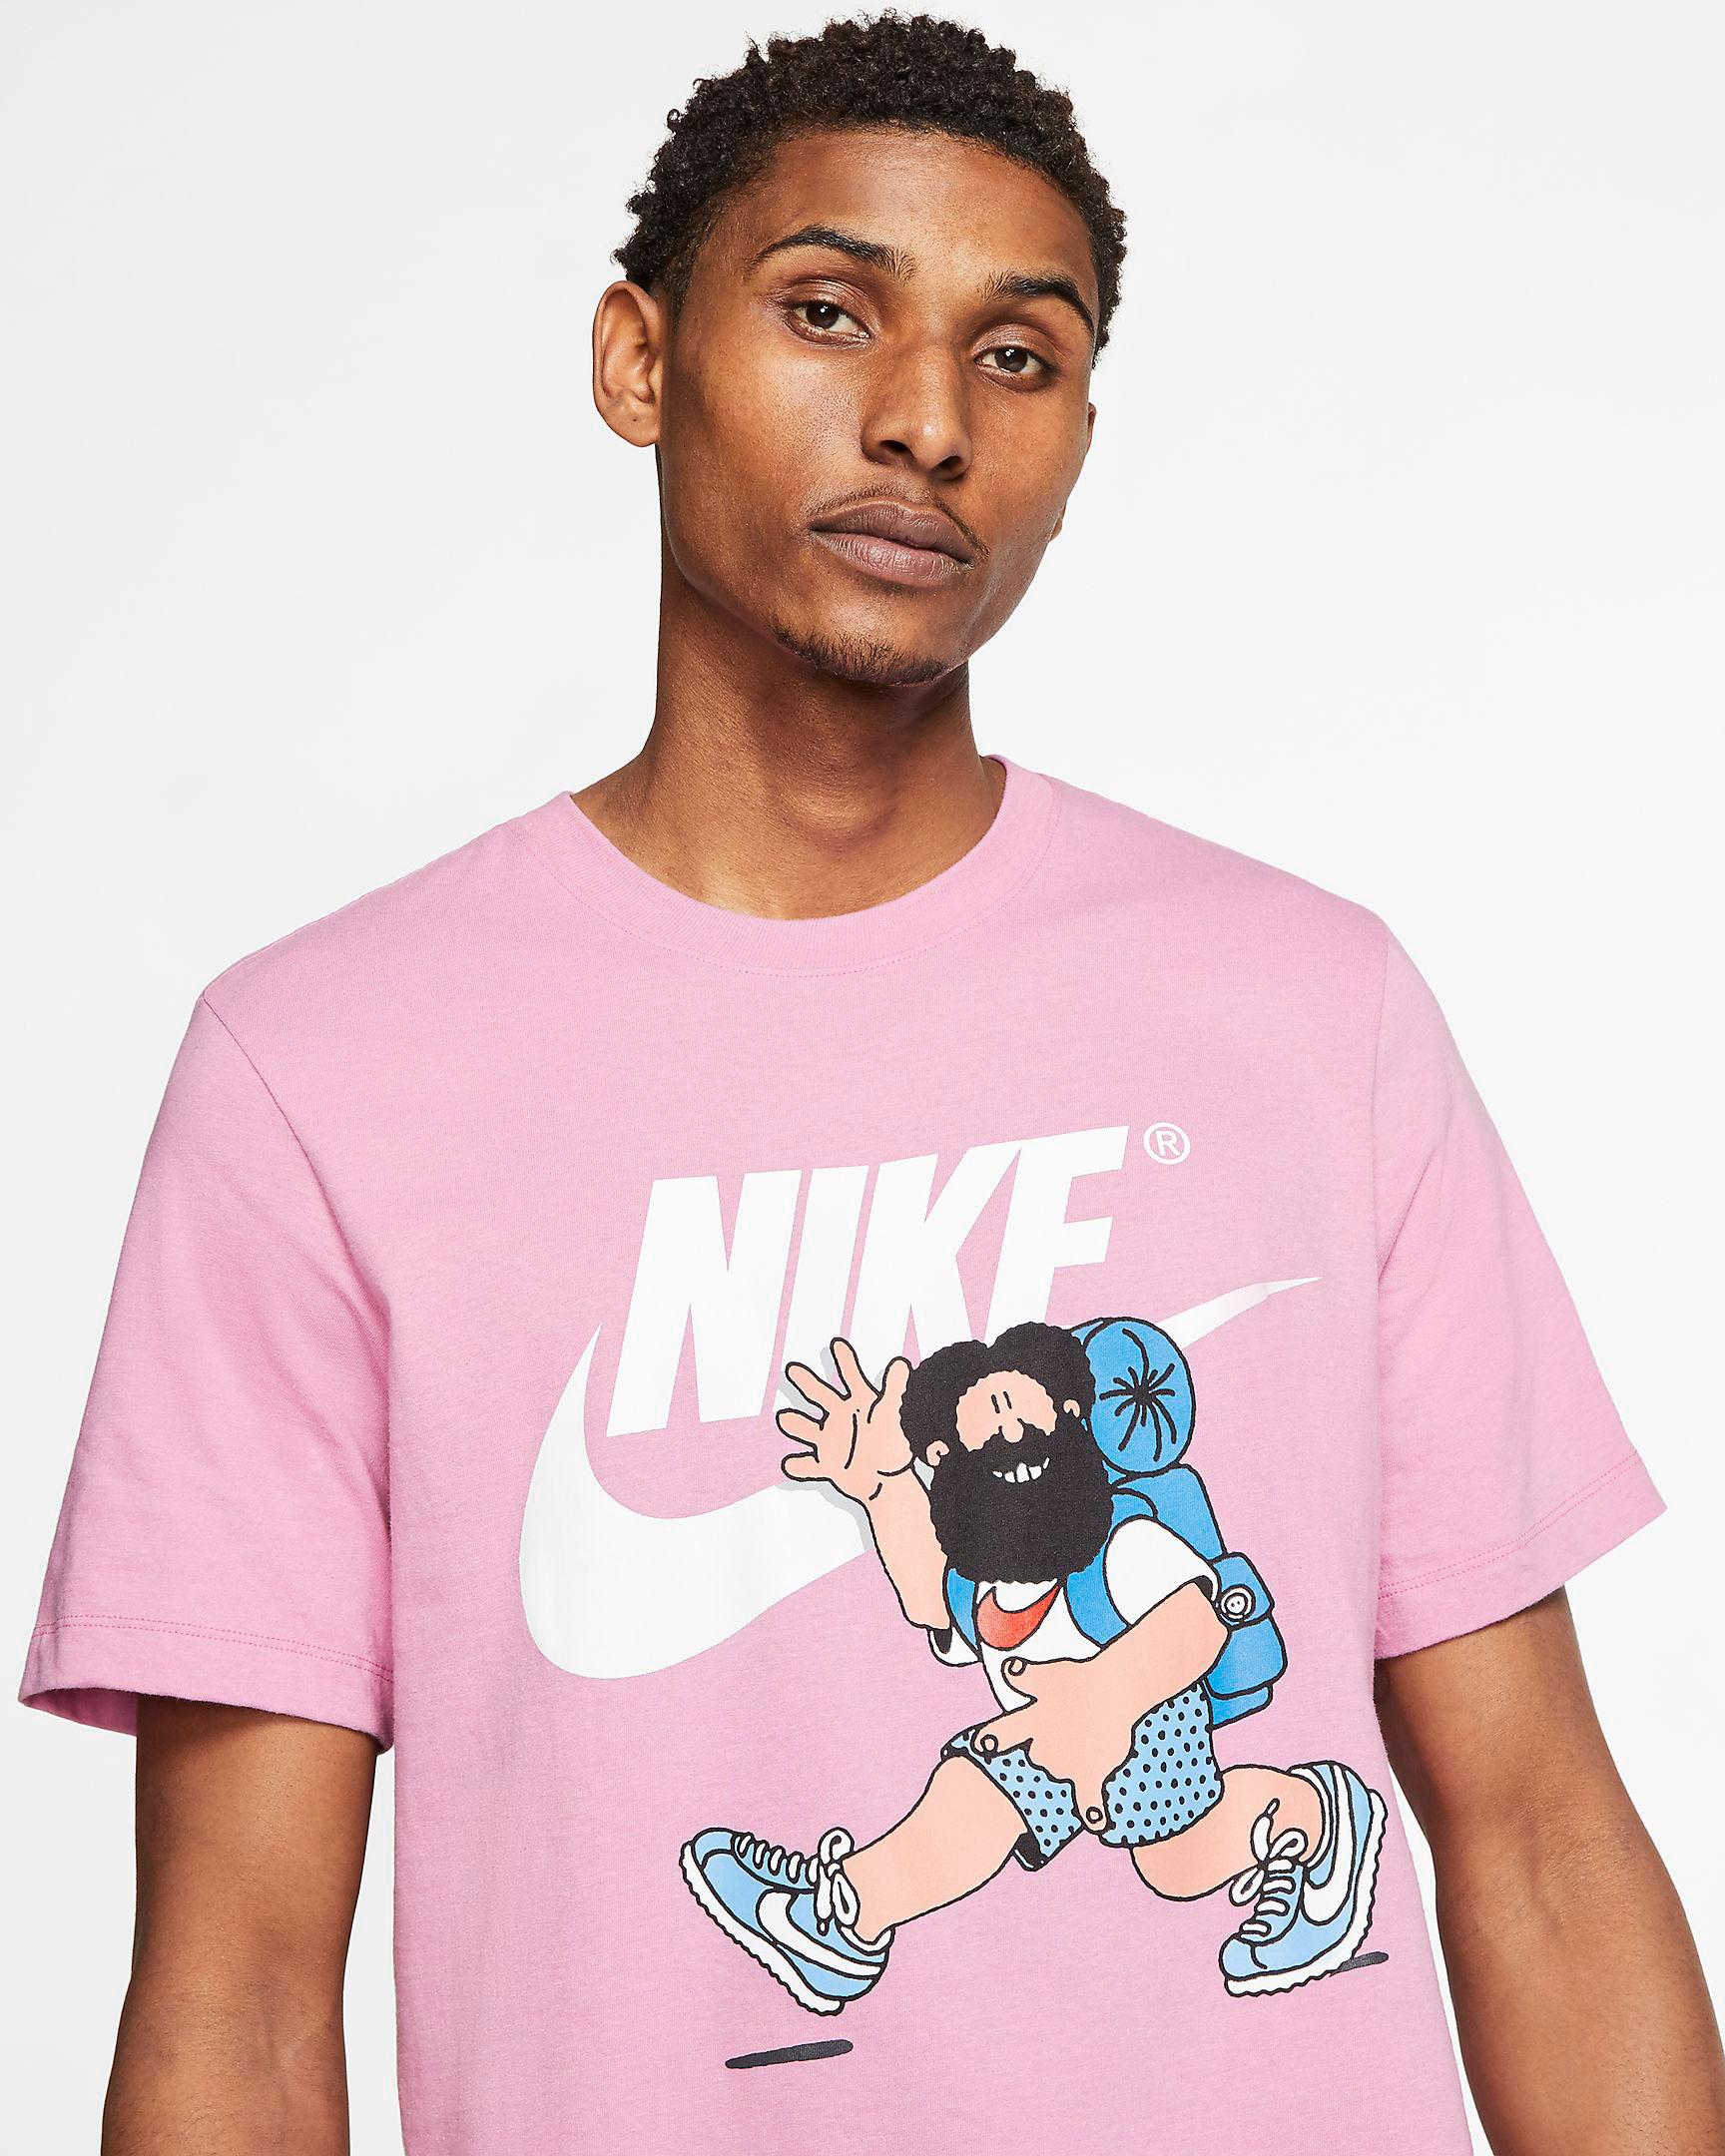 nike-hike-man-shirt-pink